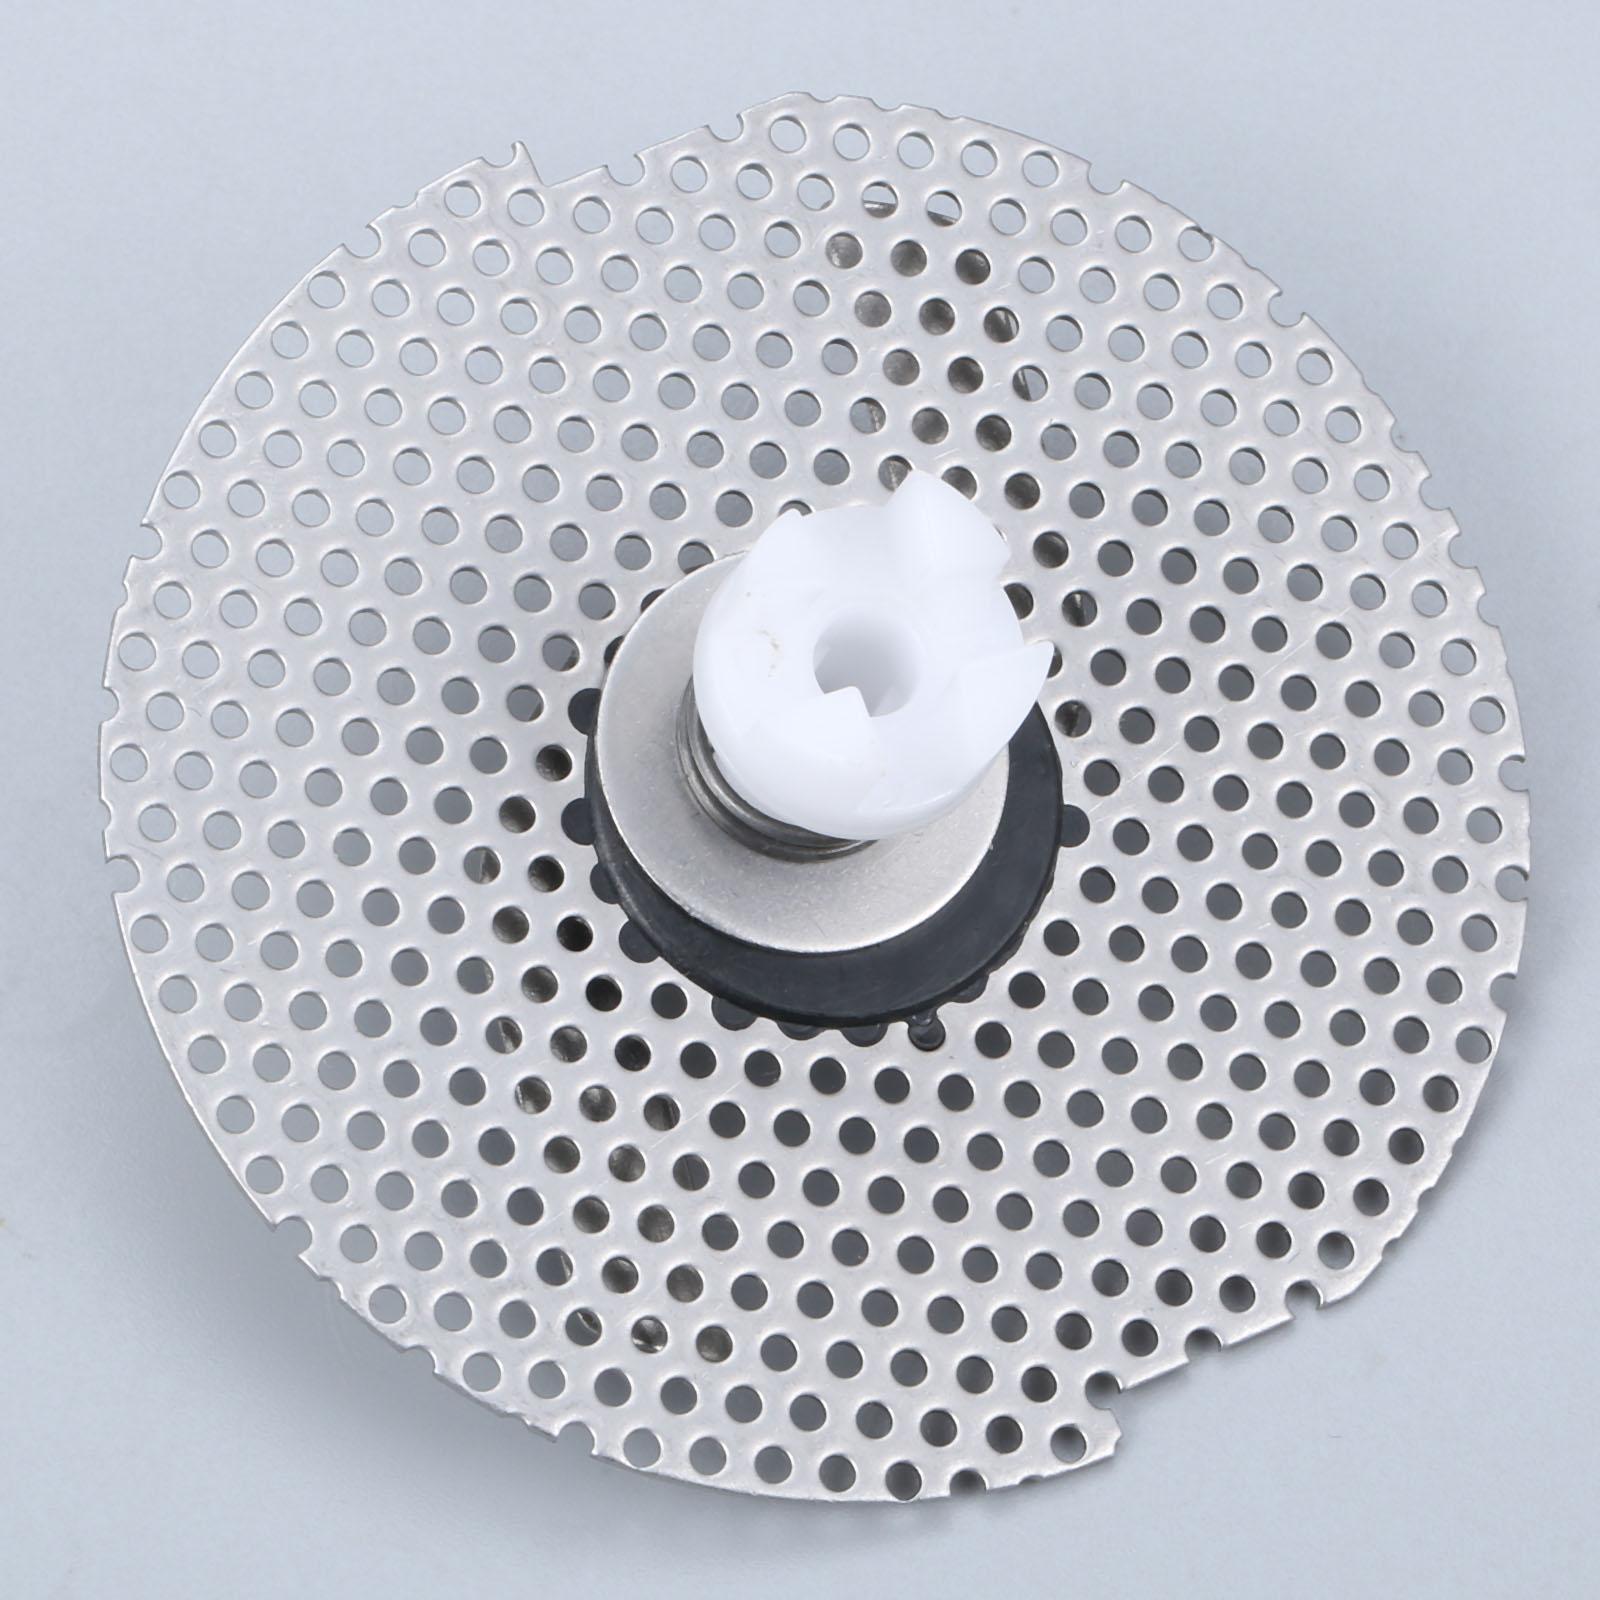 AP3039186 Sears 8268383 PS392939 Lave-vaisselle Hachoir Lame Pour Whirlpool